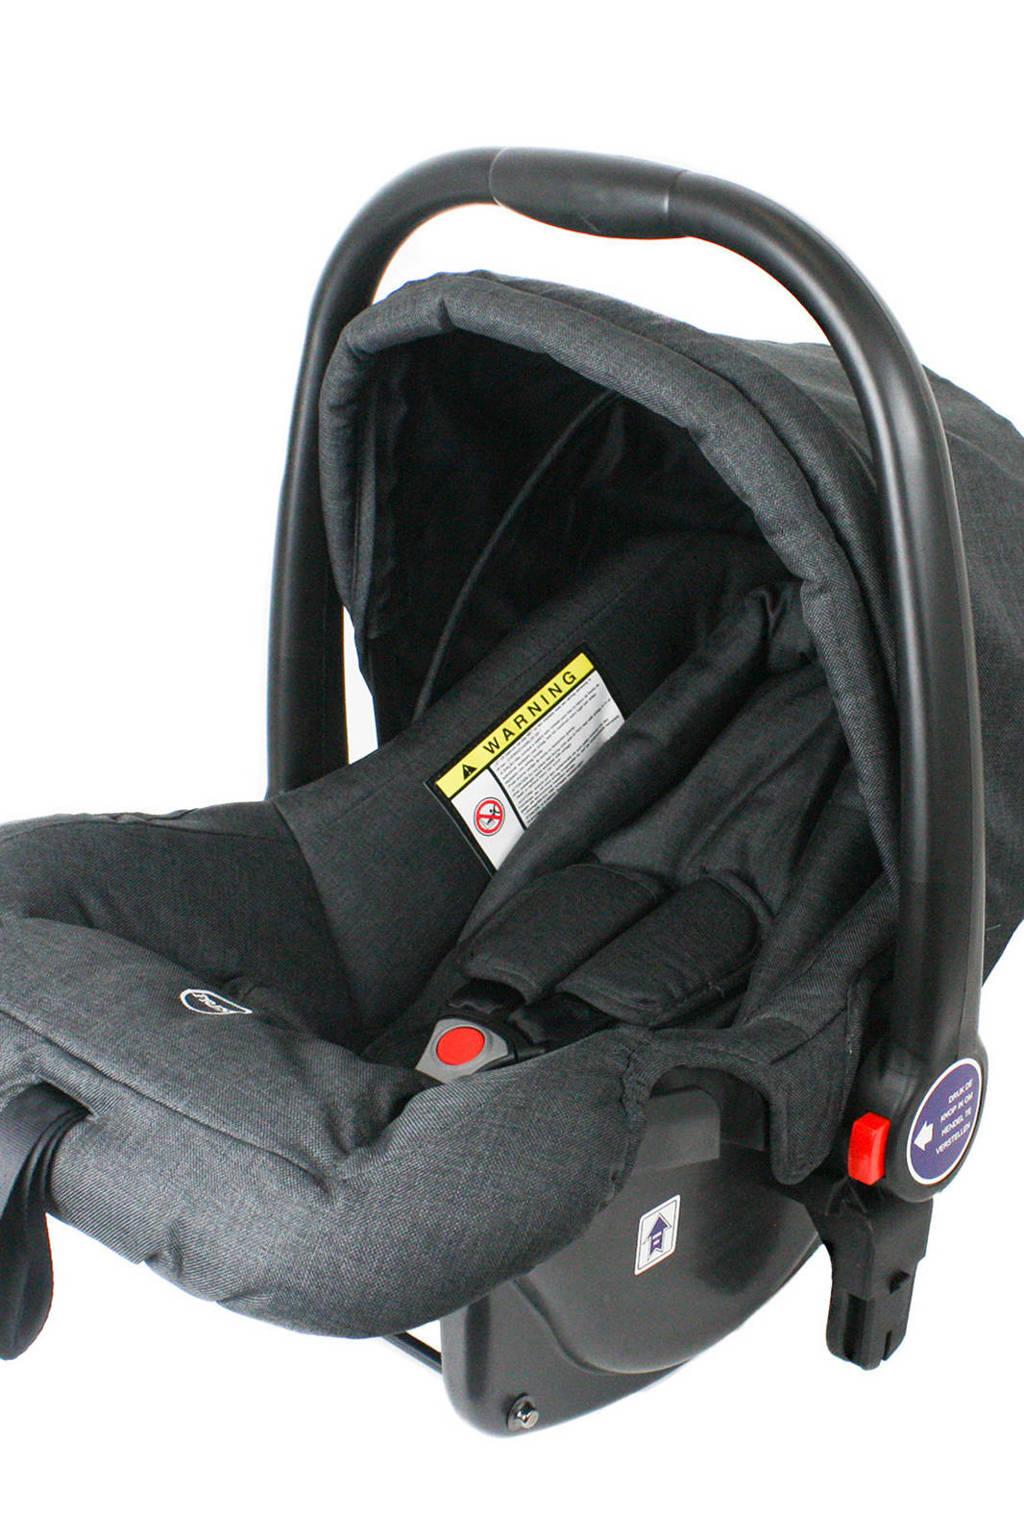 Xadventure autostoel groep 0 zwart, Zwart